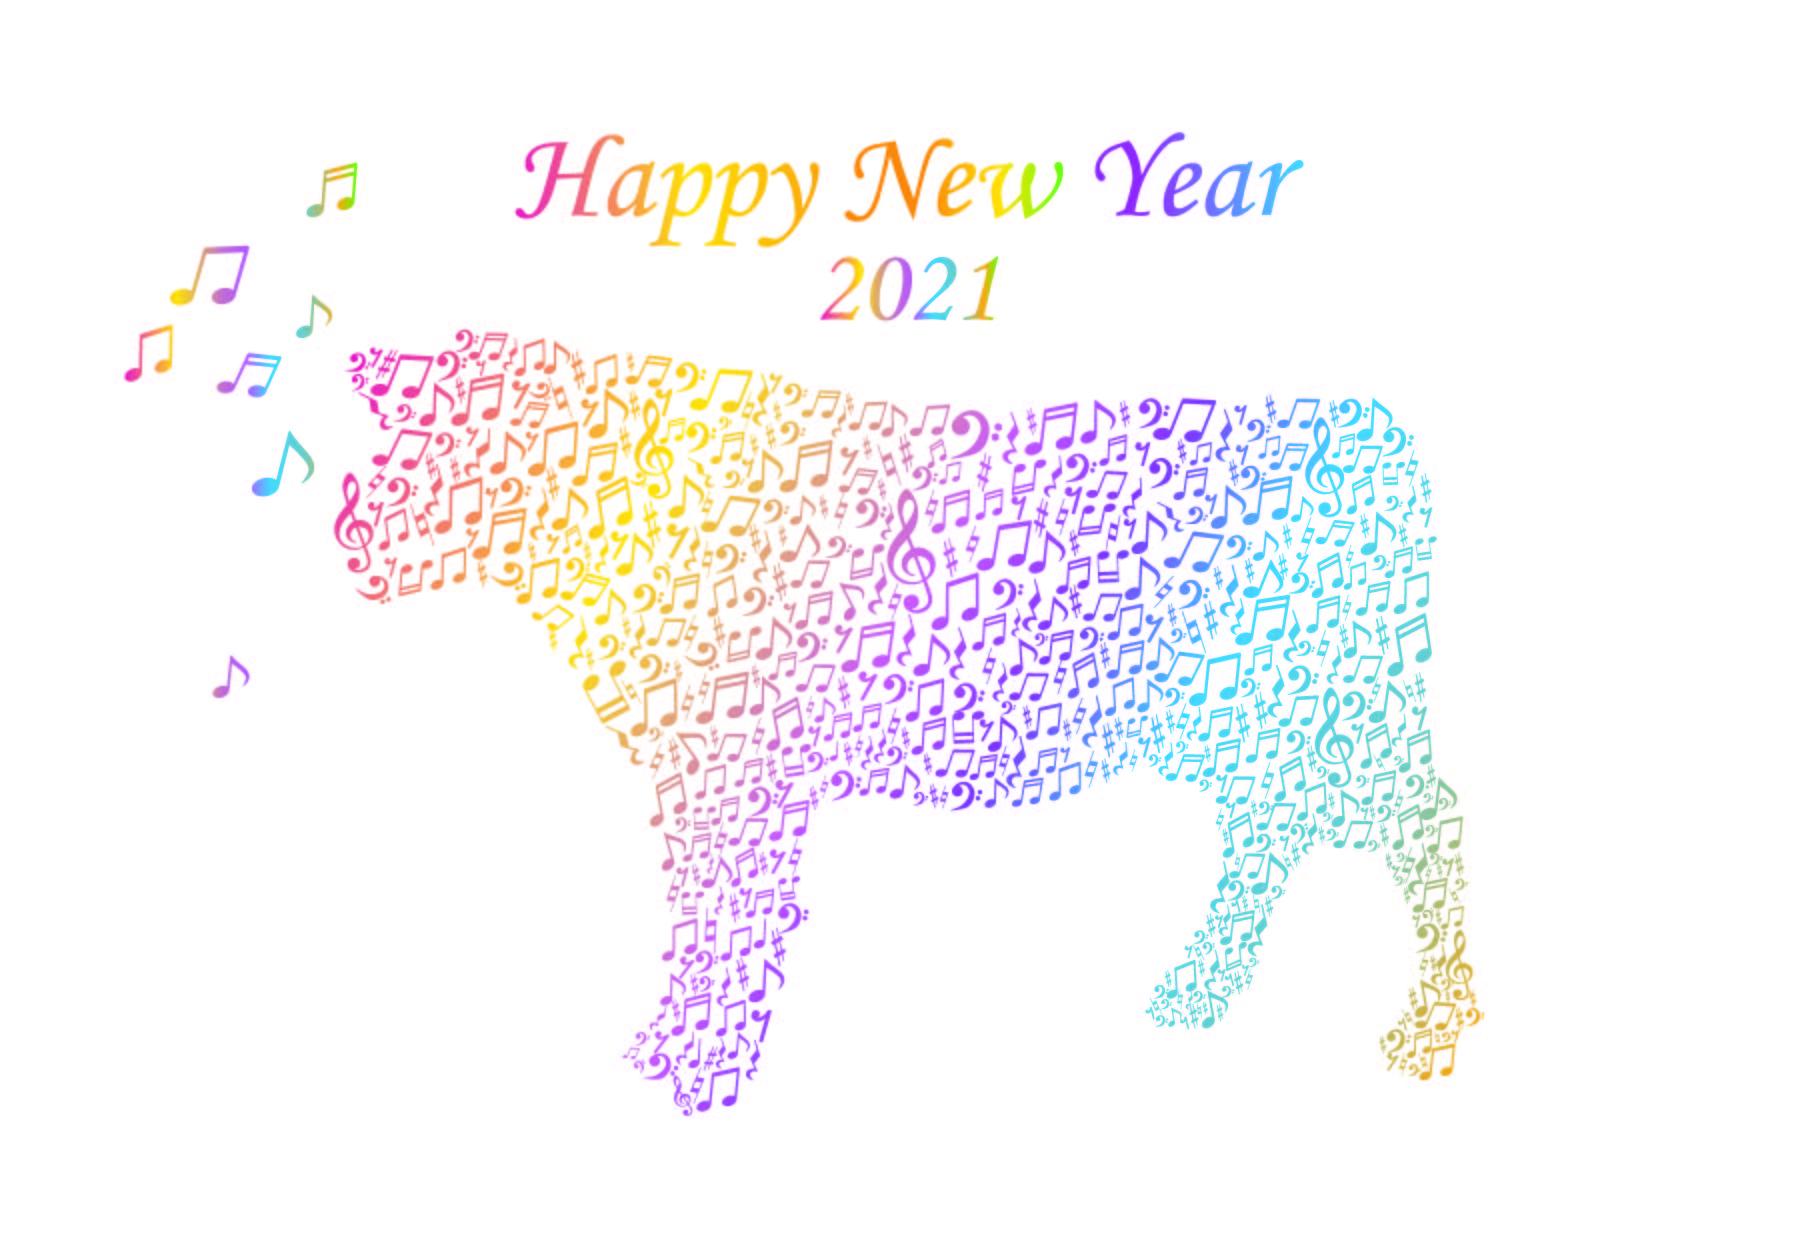 2021年の干支の丑「音符や音楽記号の牛」無料イラスト年賀状テンプレート